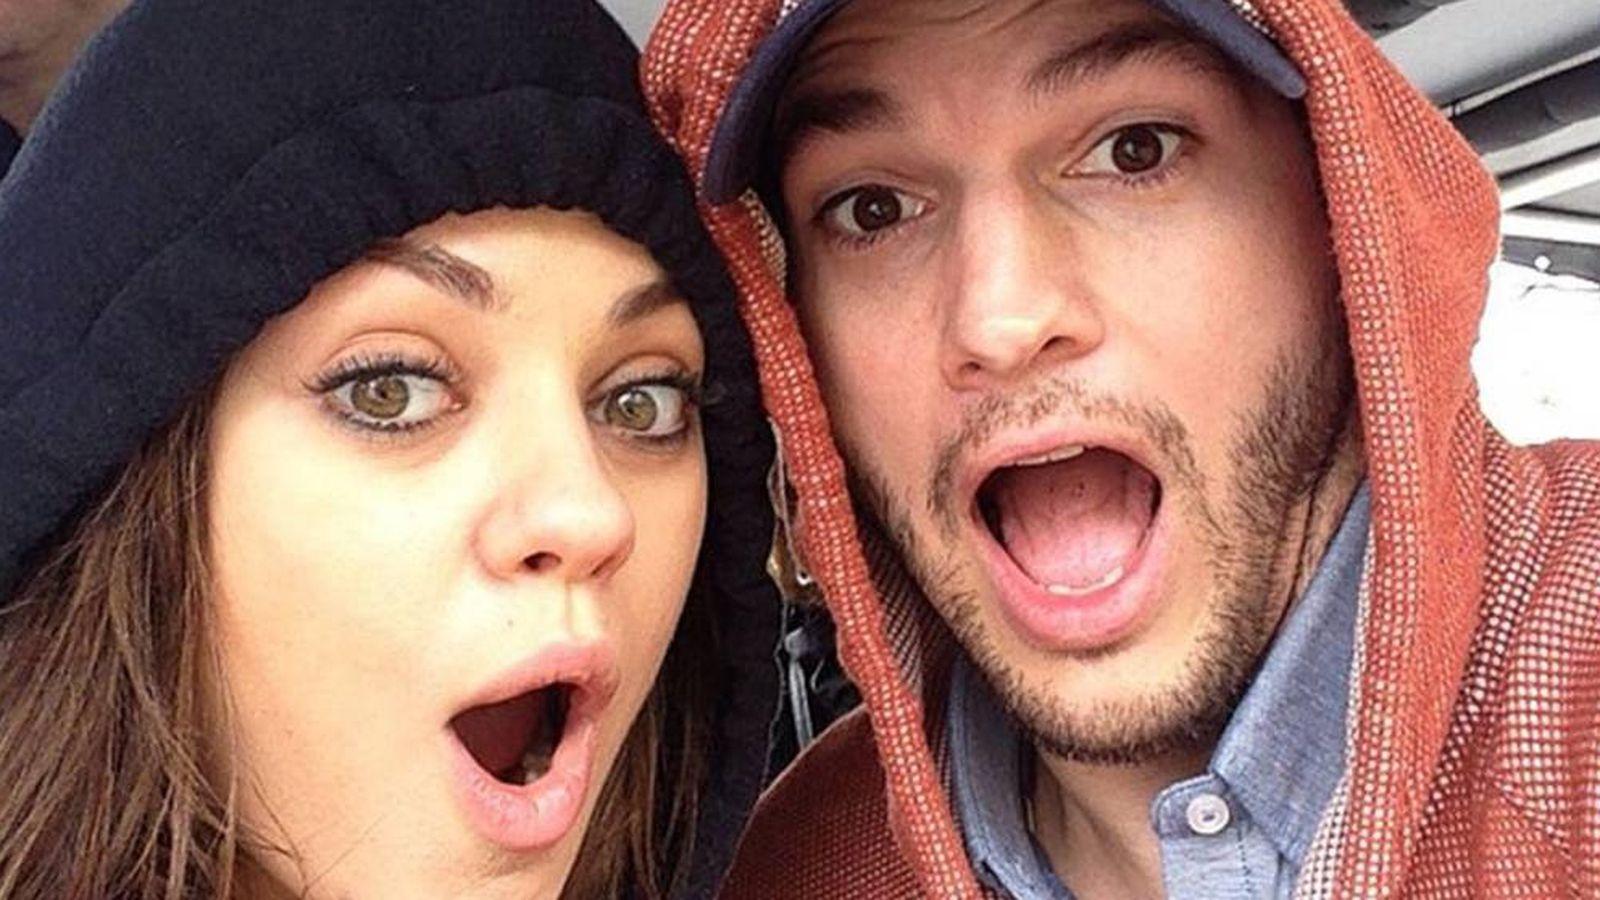 Foto: Ashton Kutcher y Mila Kunis en una imagen de archivo de sus redes sociales.